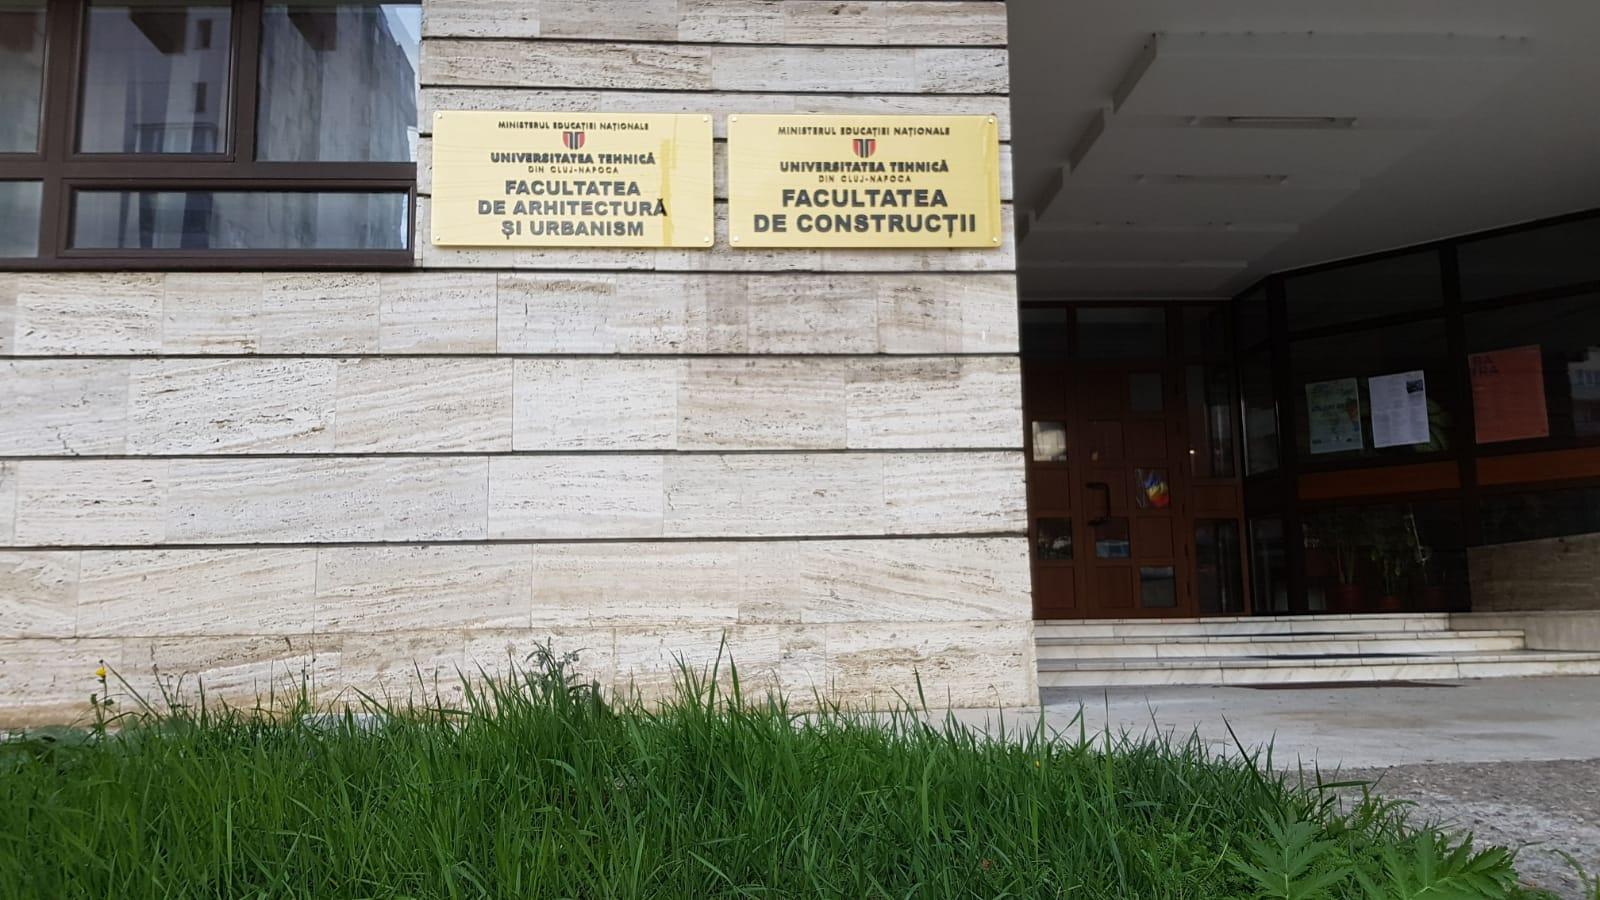 placa institutie